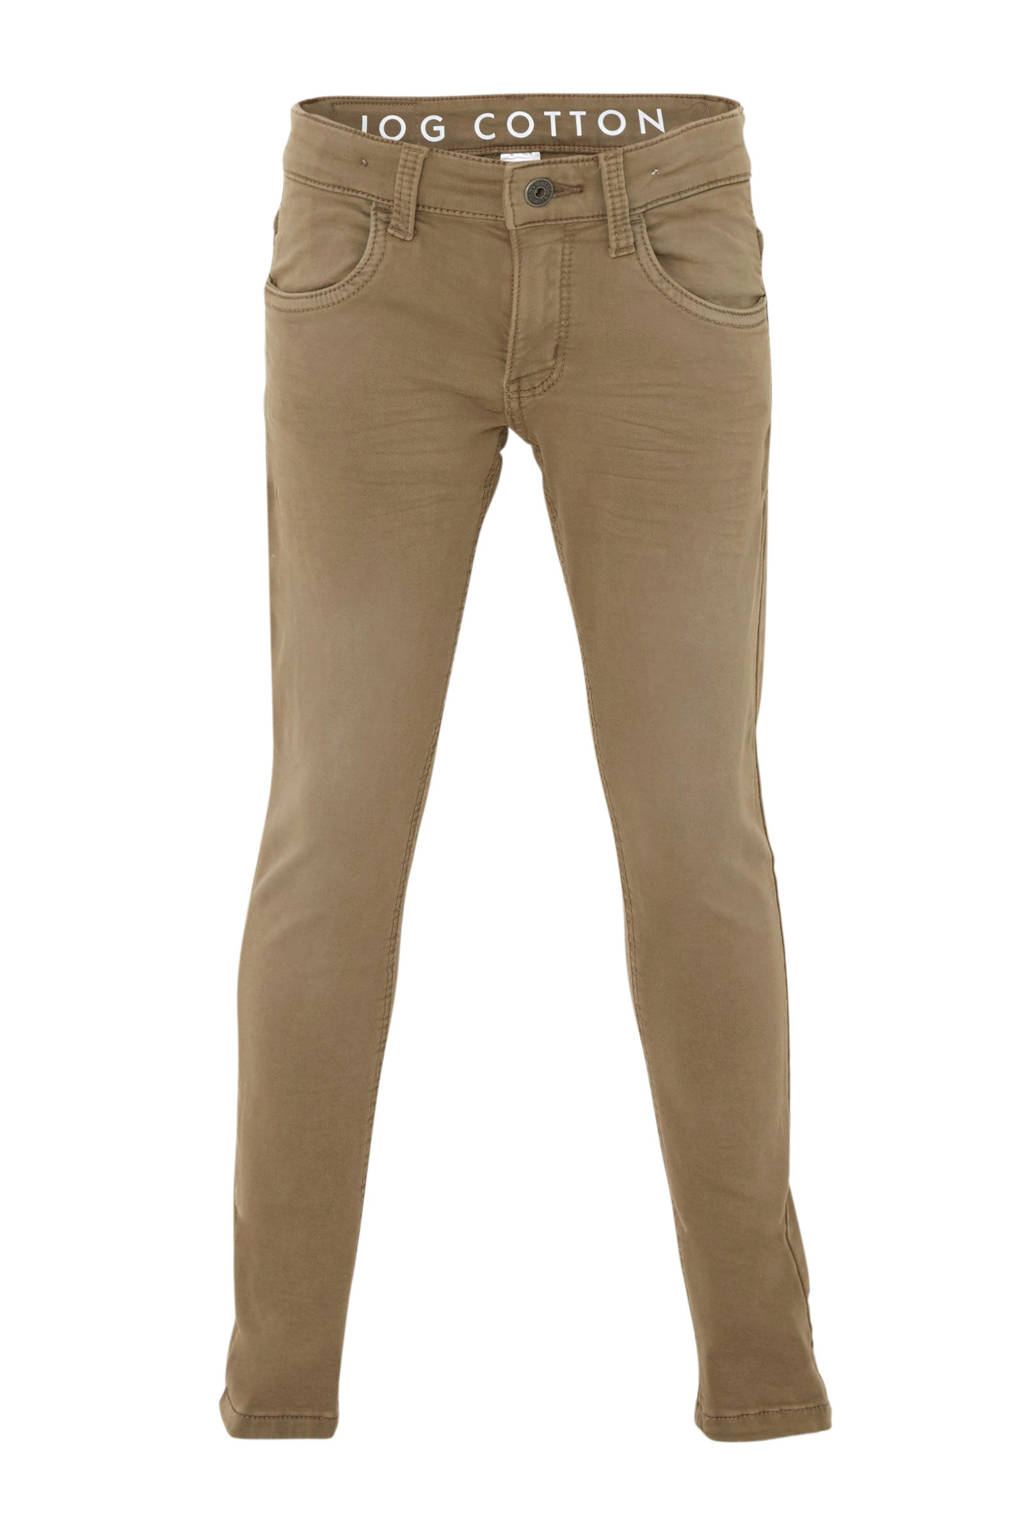 C&A Here & There skinny broek beige, Beige